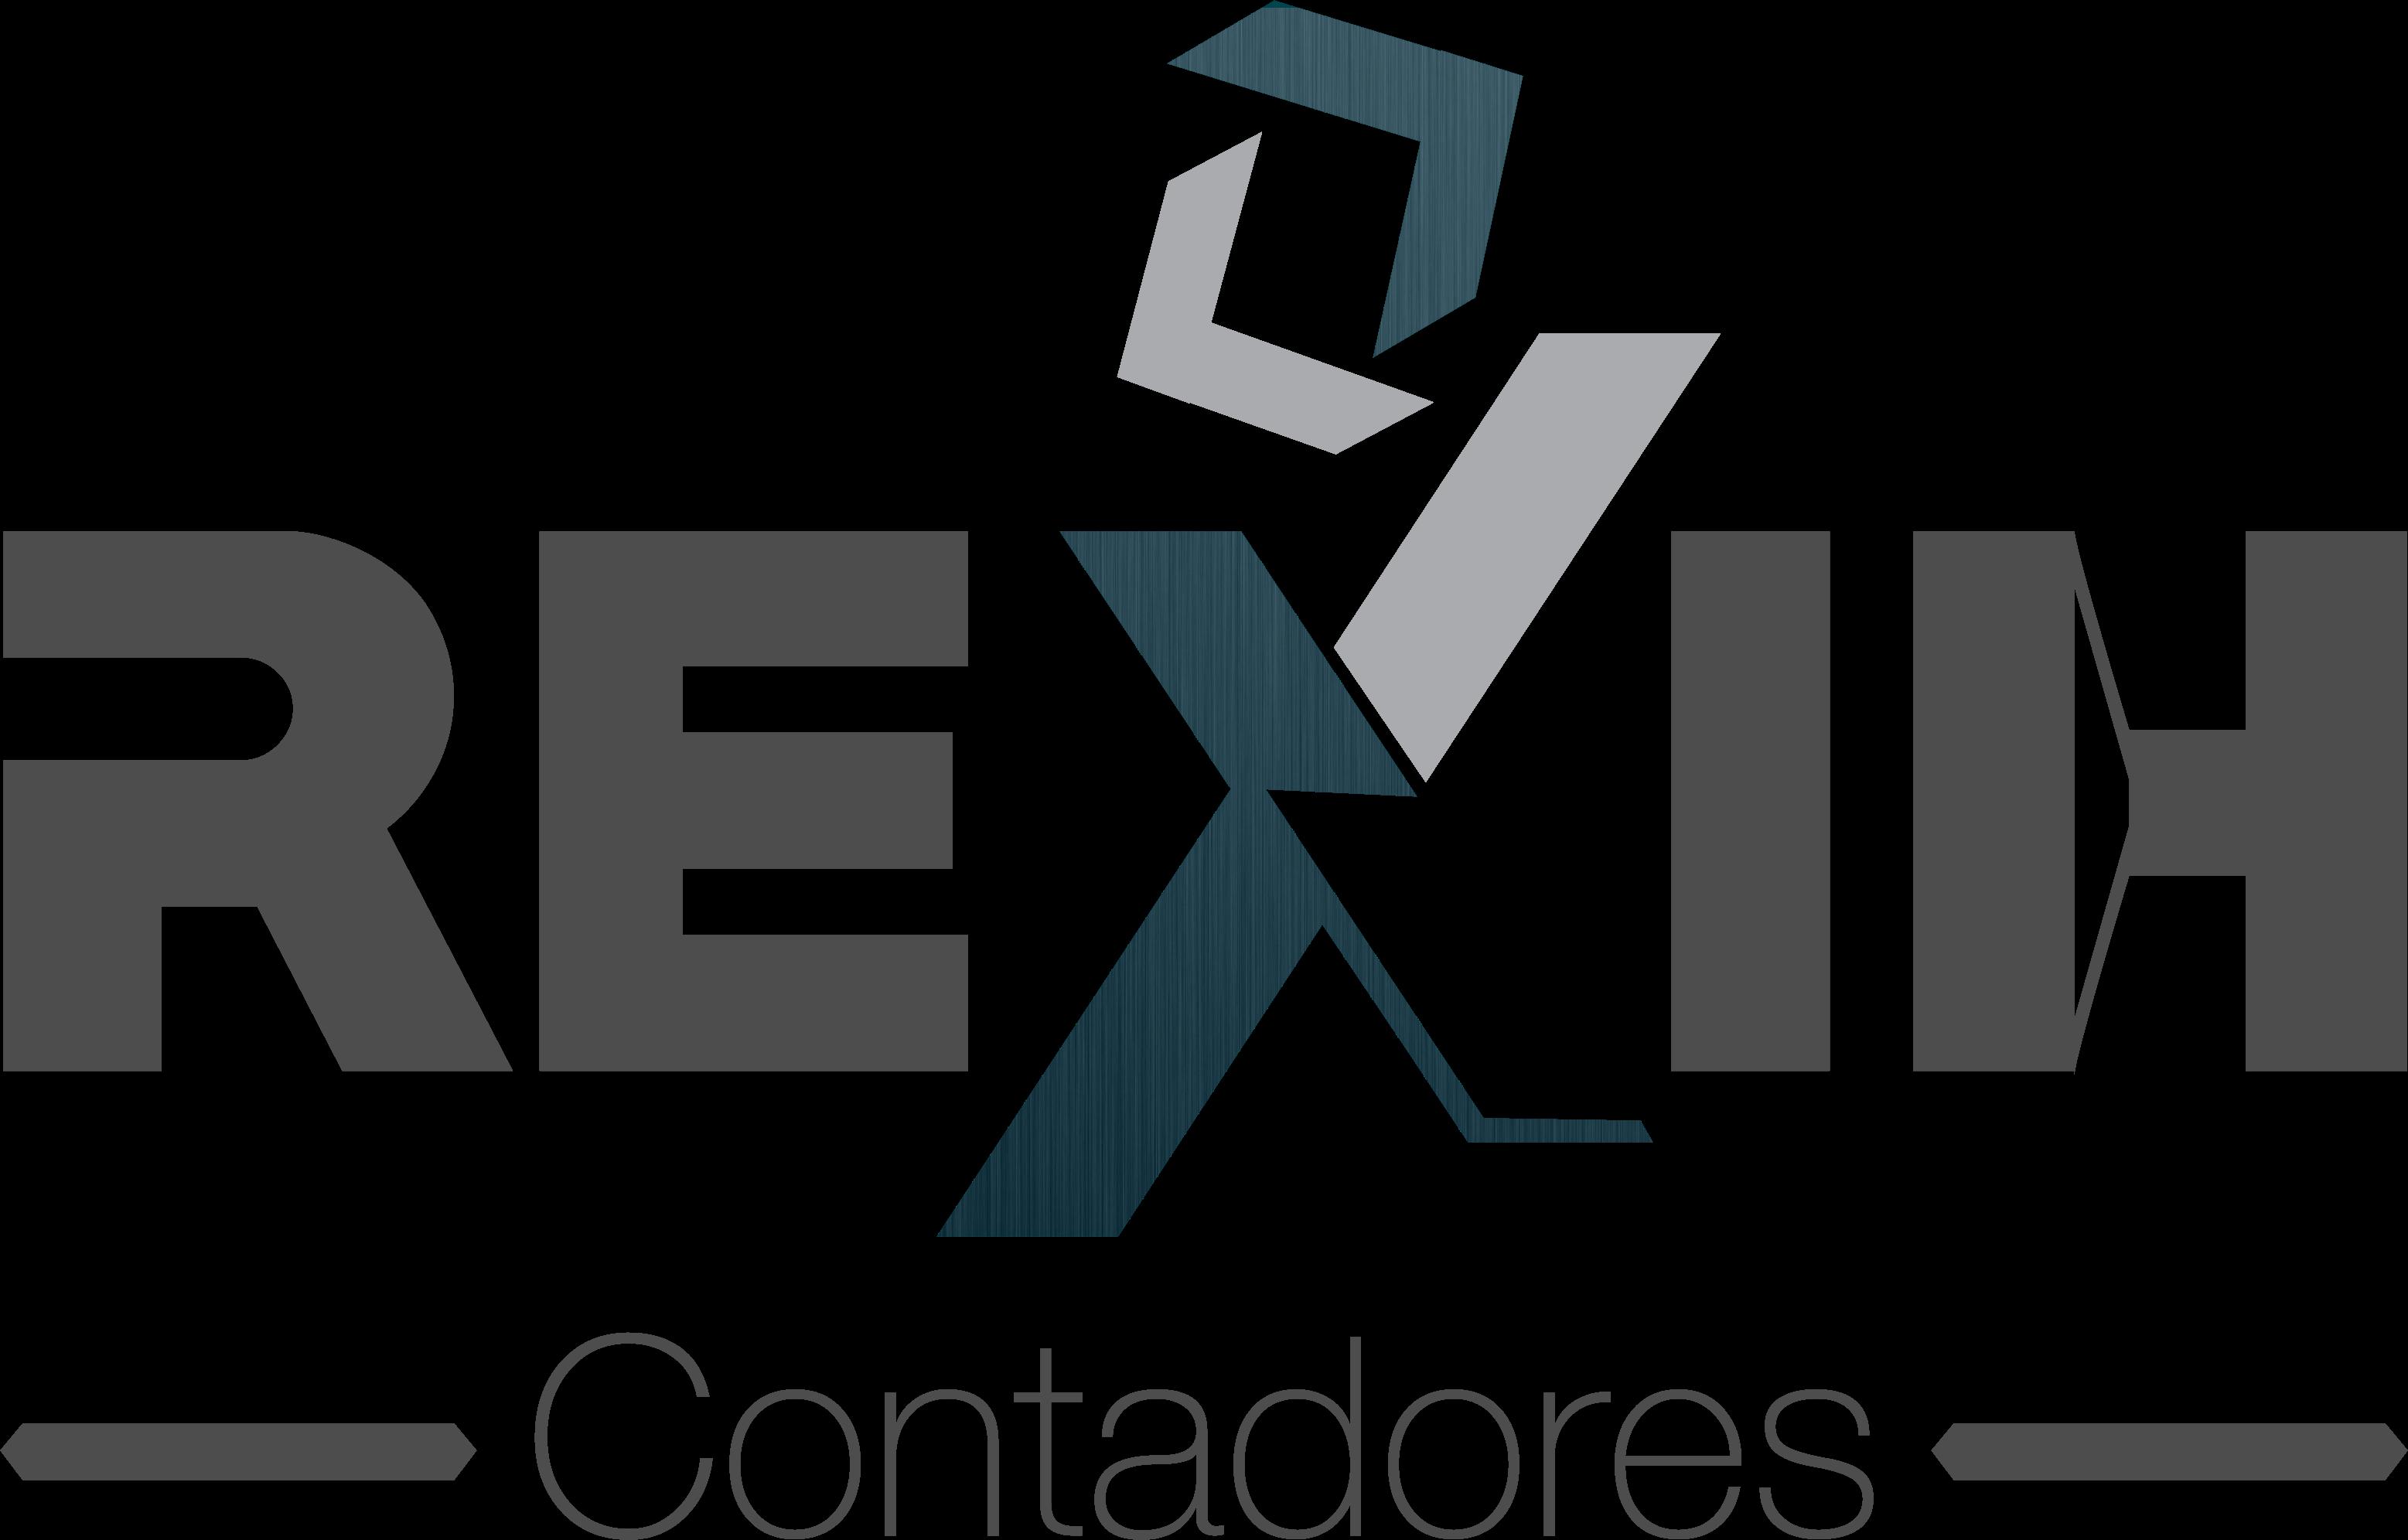 Rexih Contadores Públicos CDMX